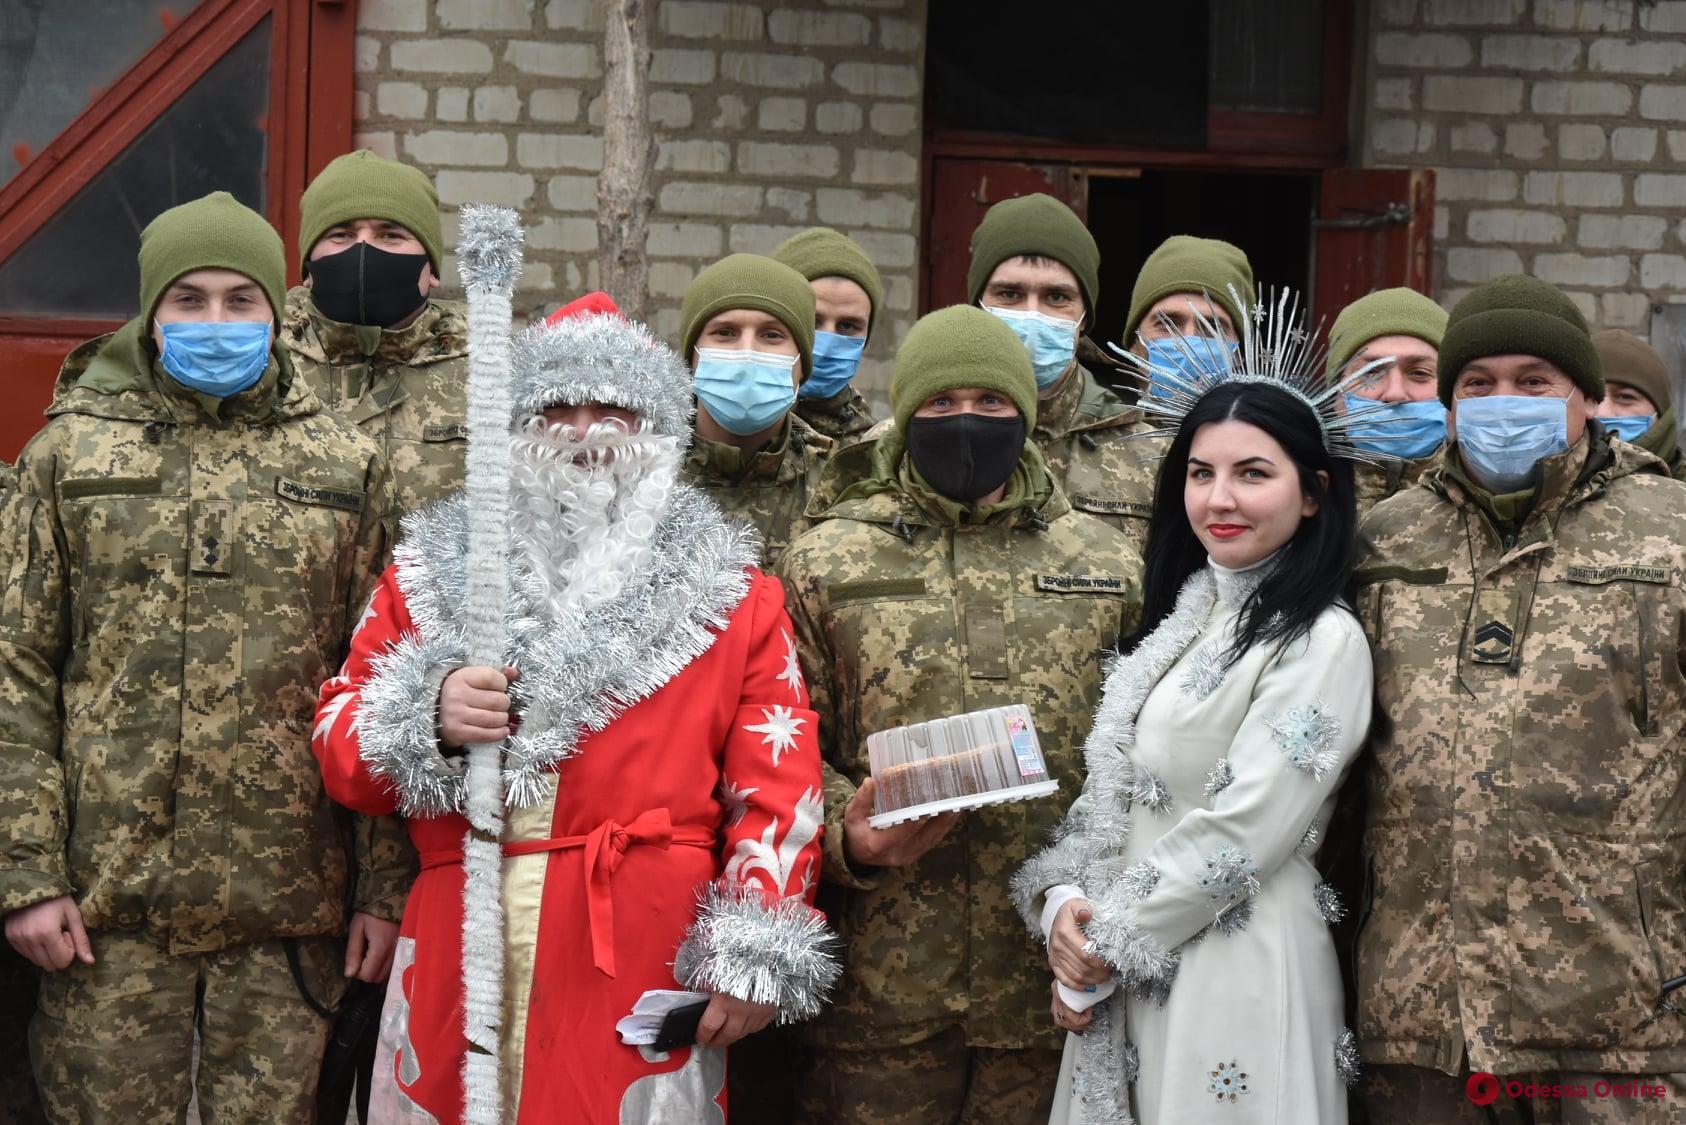 Бойцы Одесской мехбригады отметили Новый год в зоне ООС (фото)